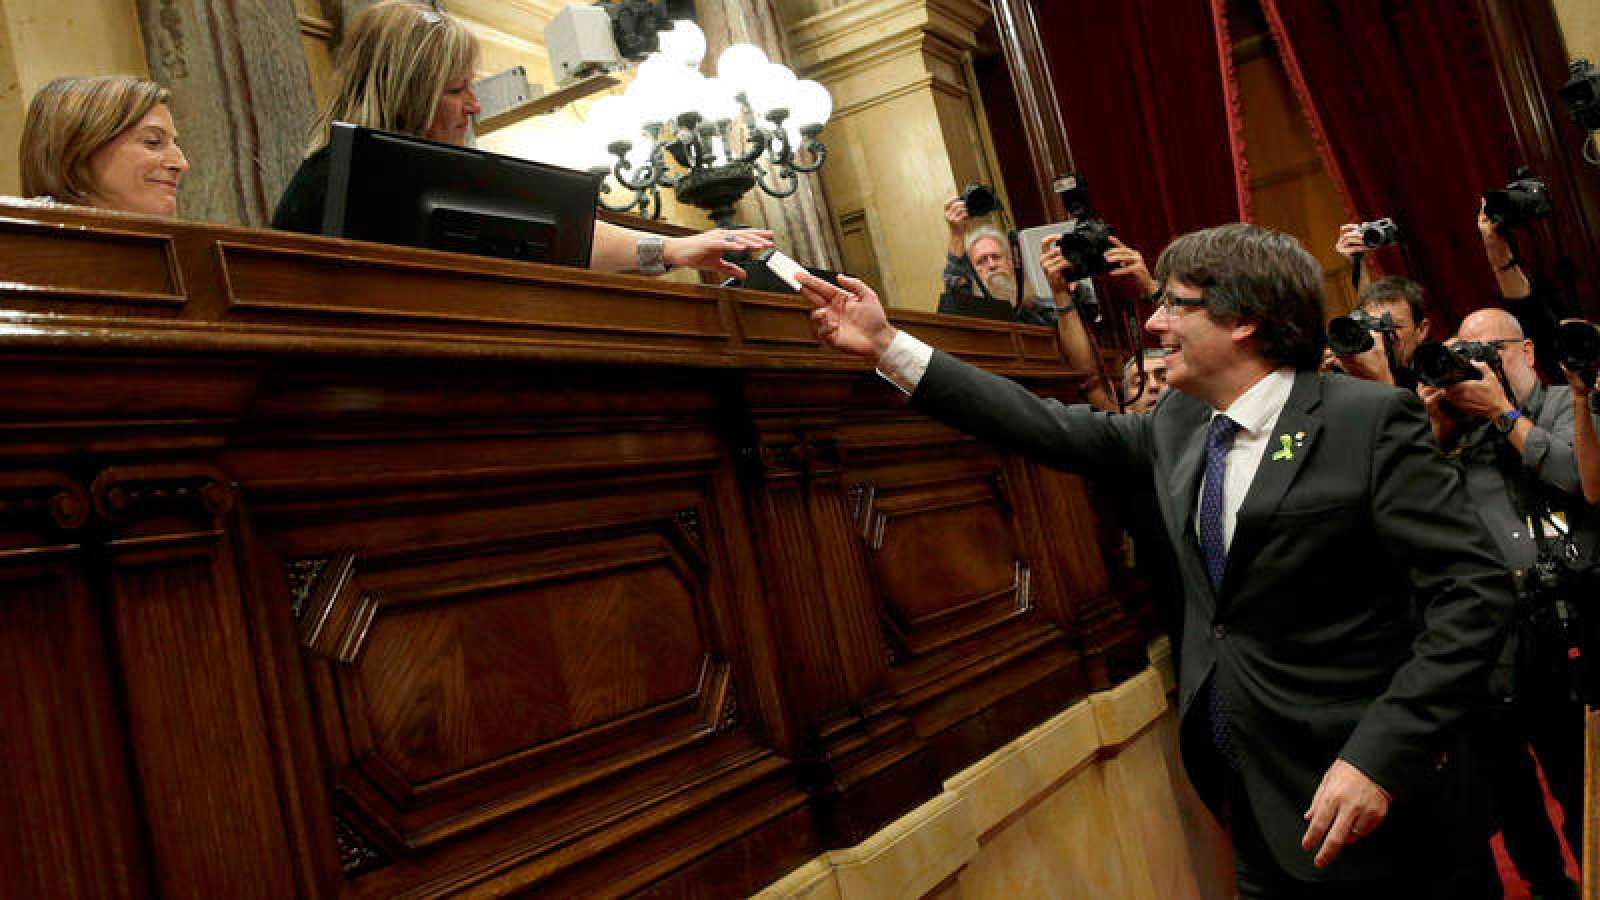 El presidente de la Generalitat vota el  27 de octubre en el pleno del Parlament que aprobó la declaración de independencia de Cataluña